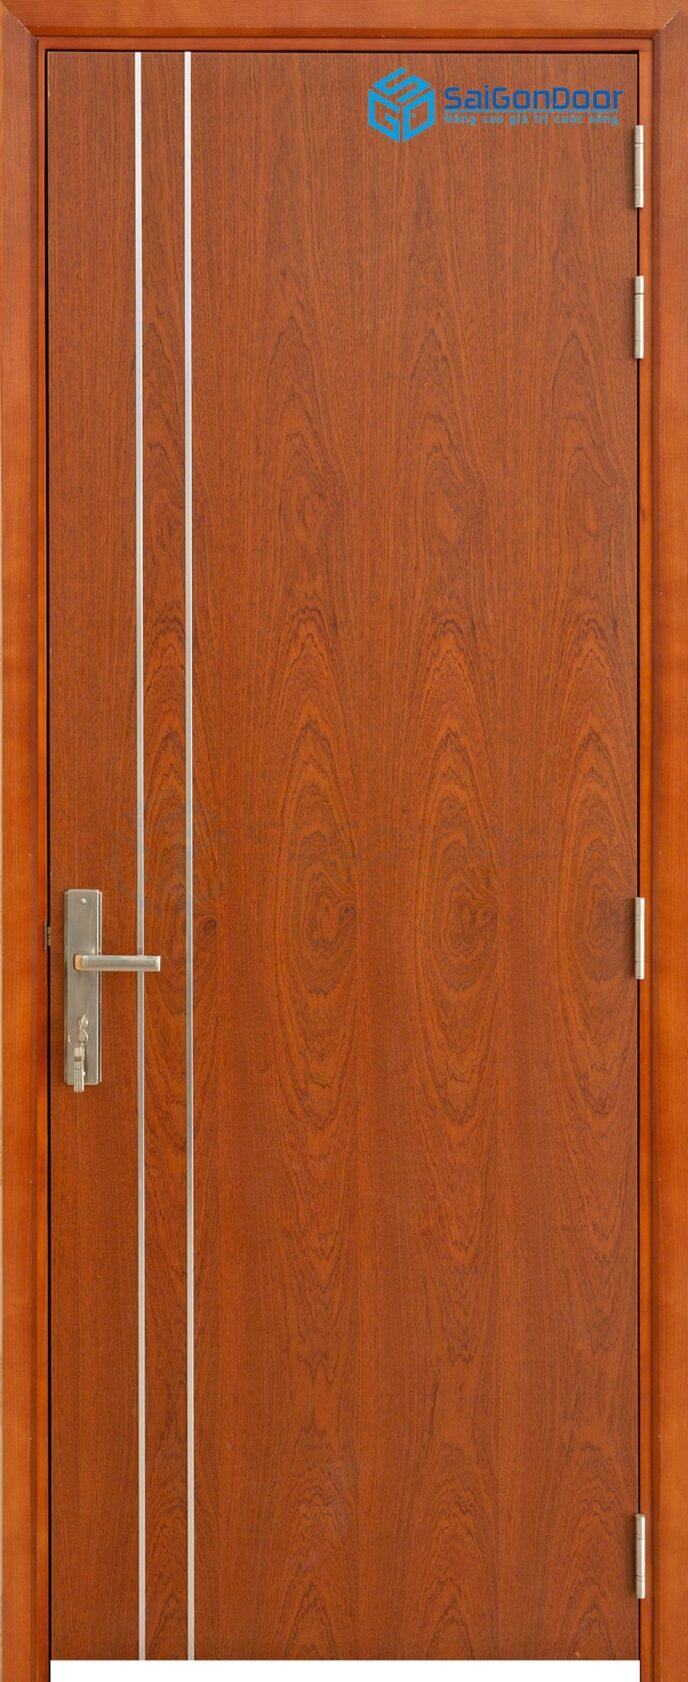 Cửa gỗ cao cấp P1R2 xoan dao 4